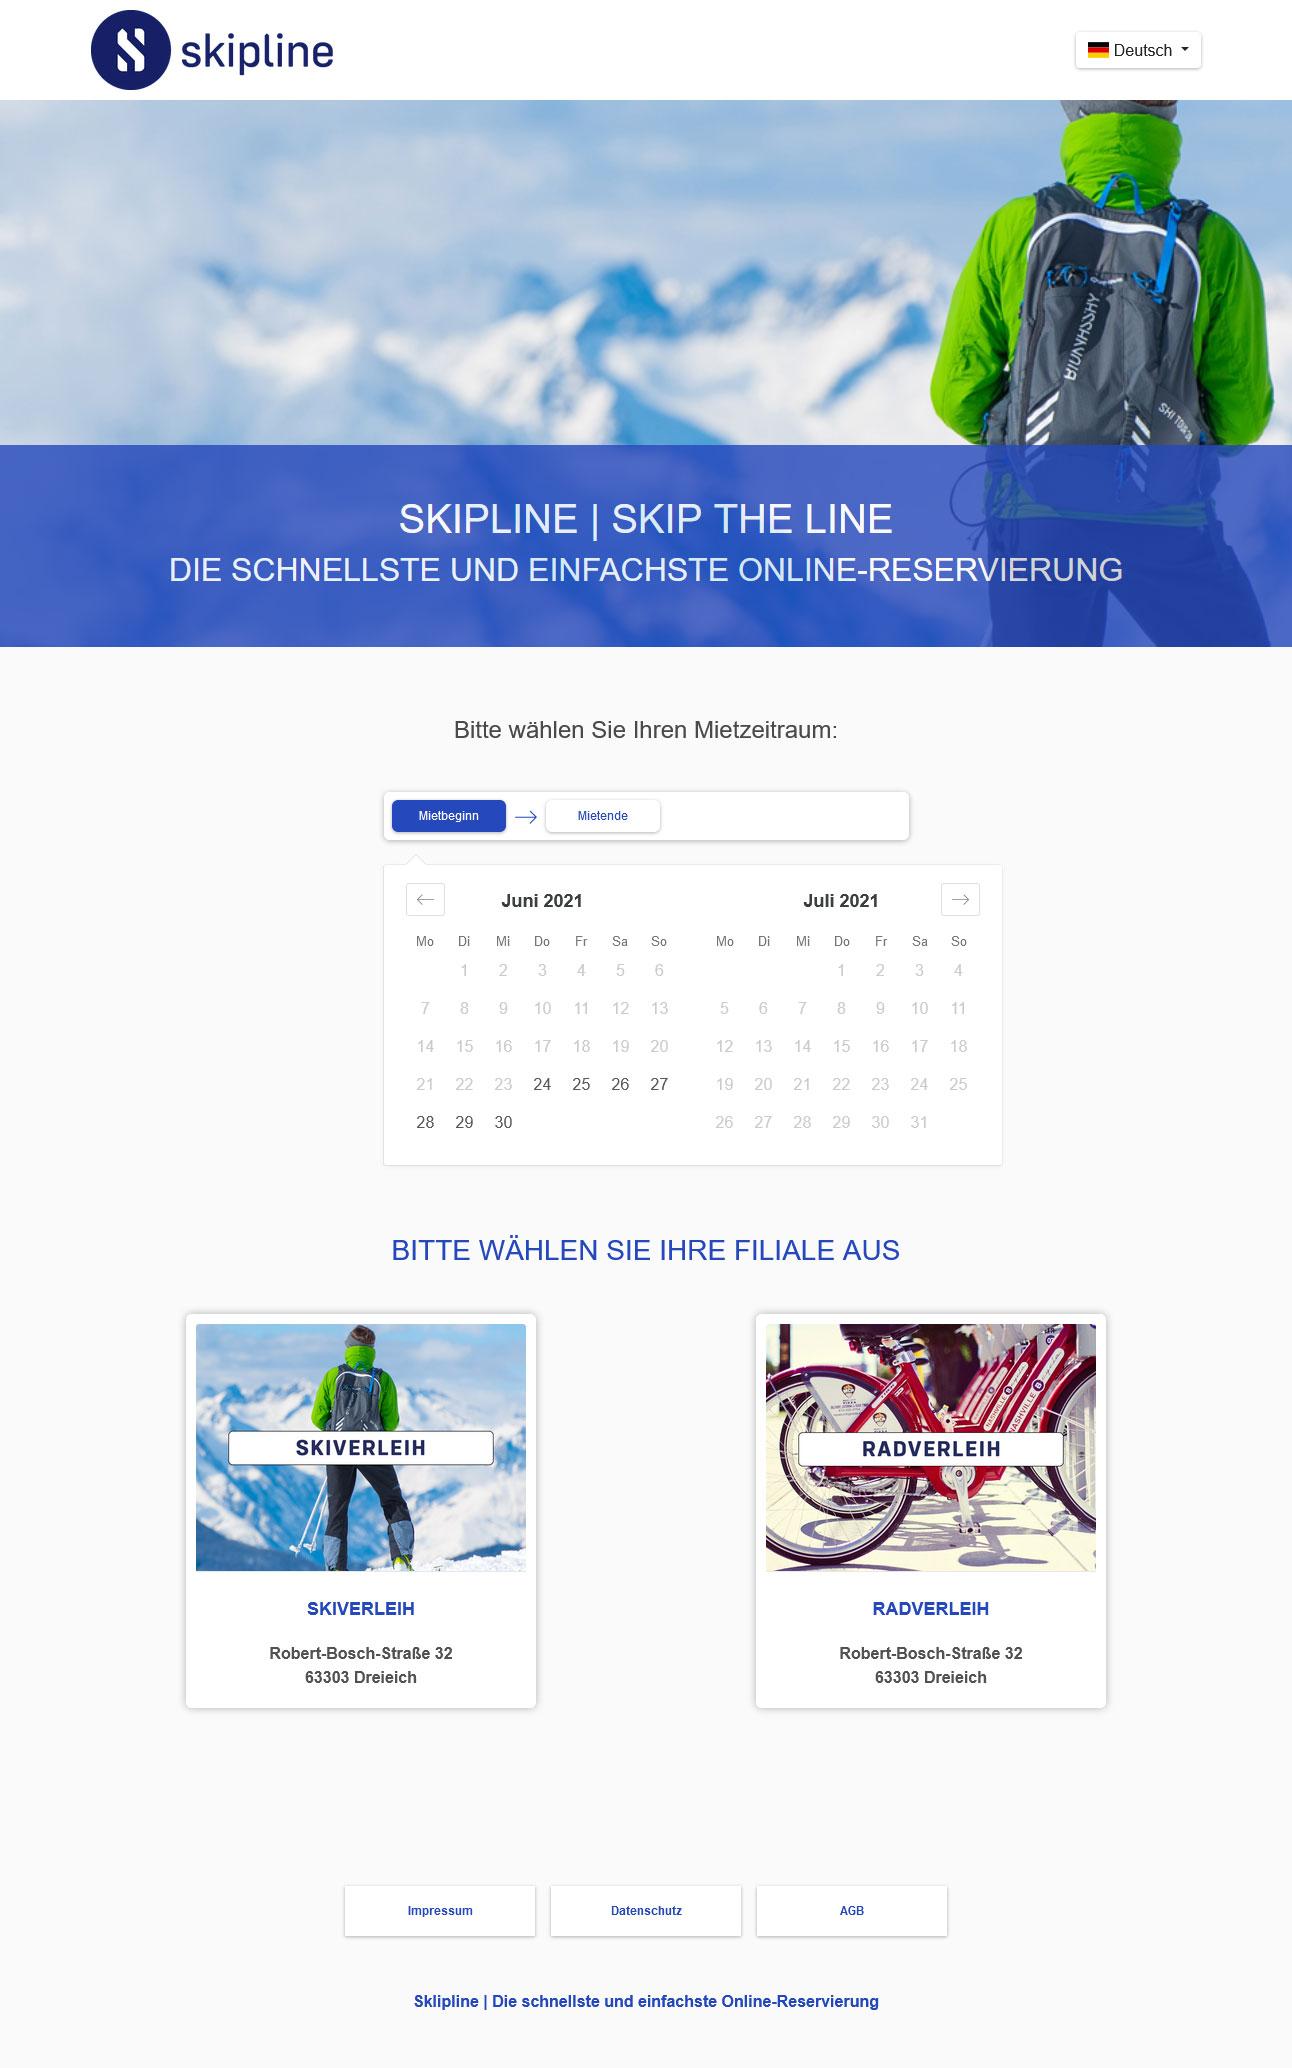 skipline_landingpage_ski_online_reservierung